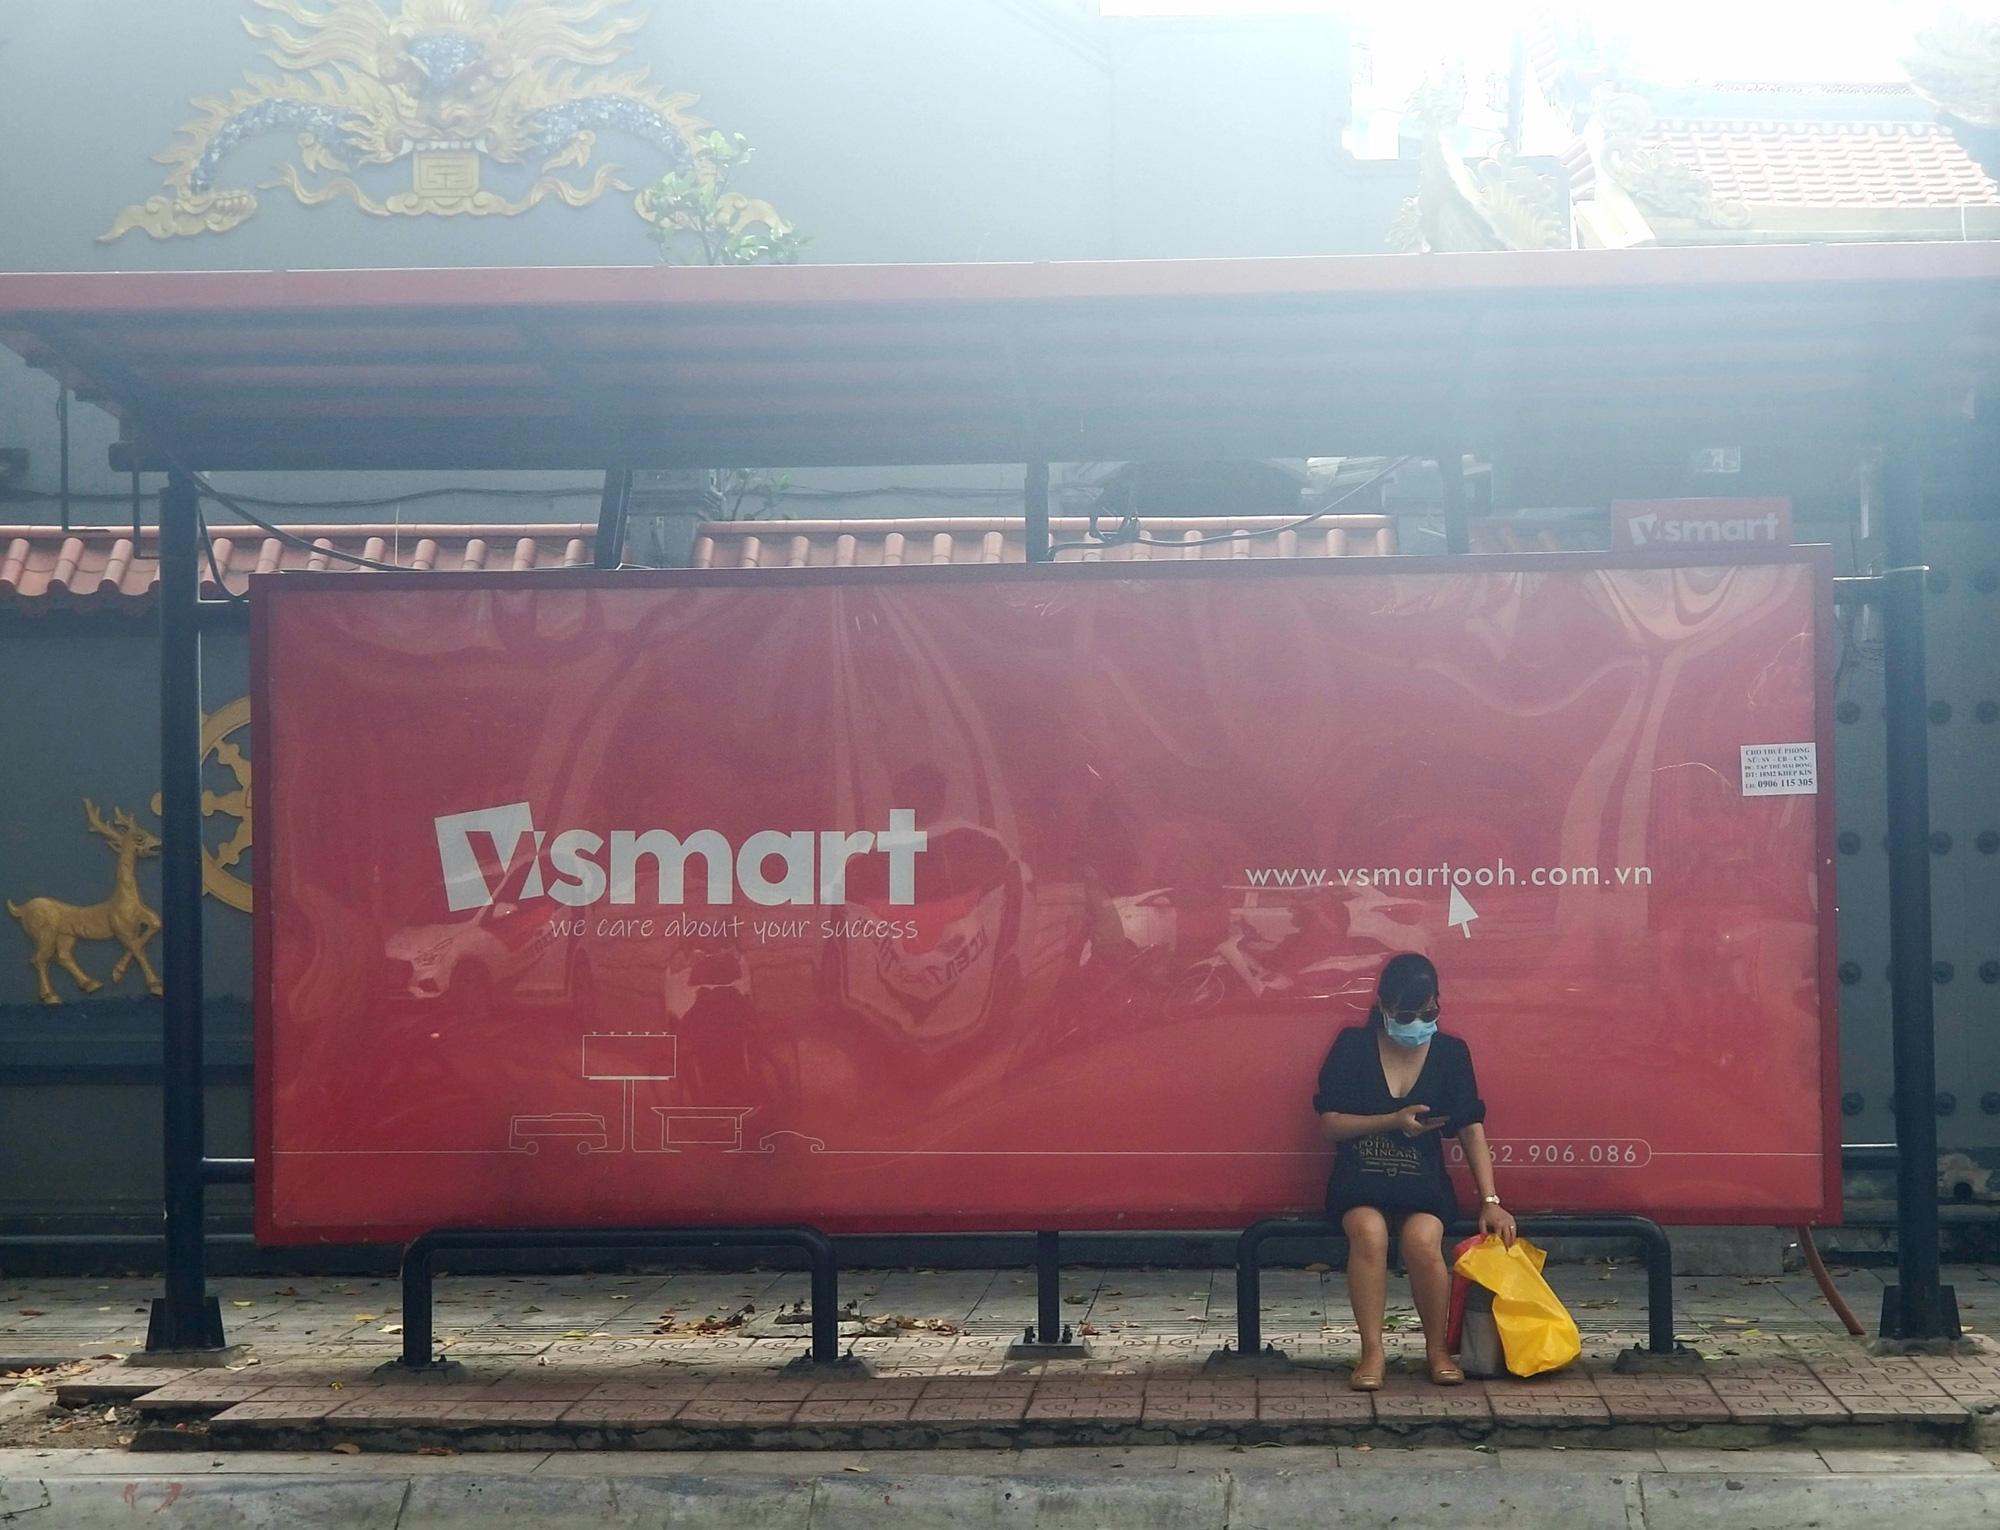 Xuất hiện biển quảng cáo có nét tương đồng với thương hiệu smartphone VSmart ở trên đường phố thủ đô - Ảnh 1.